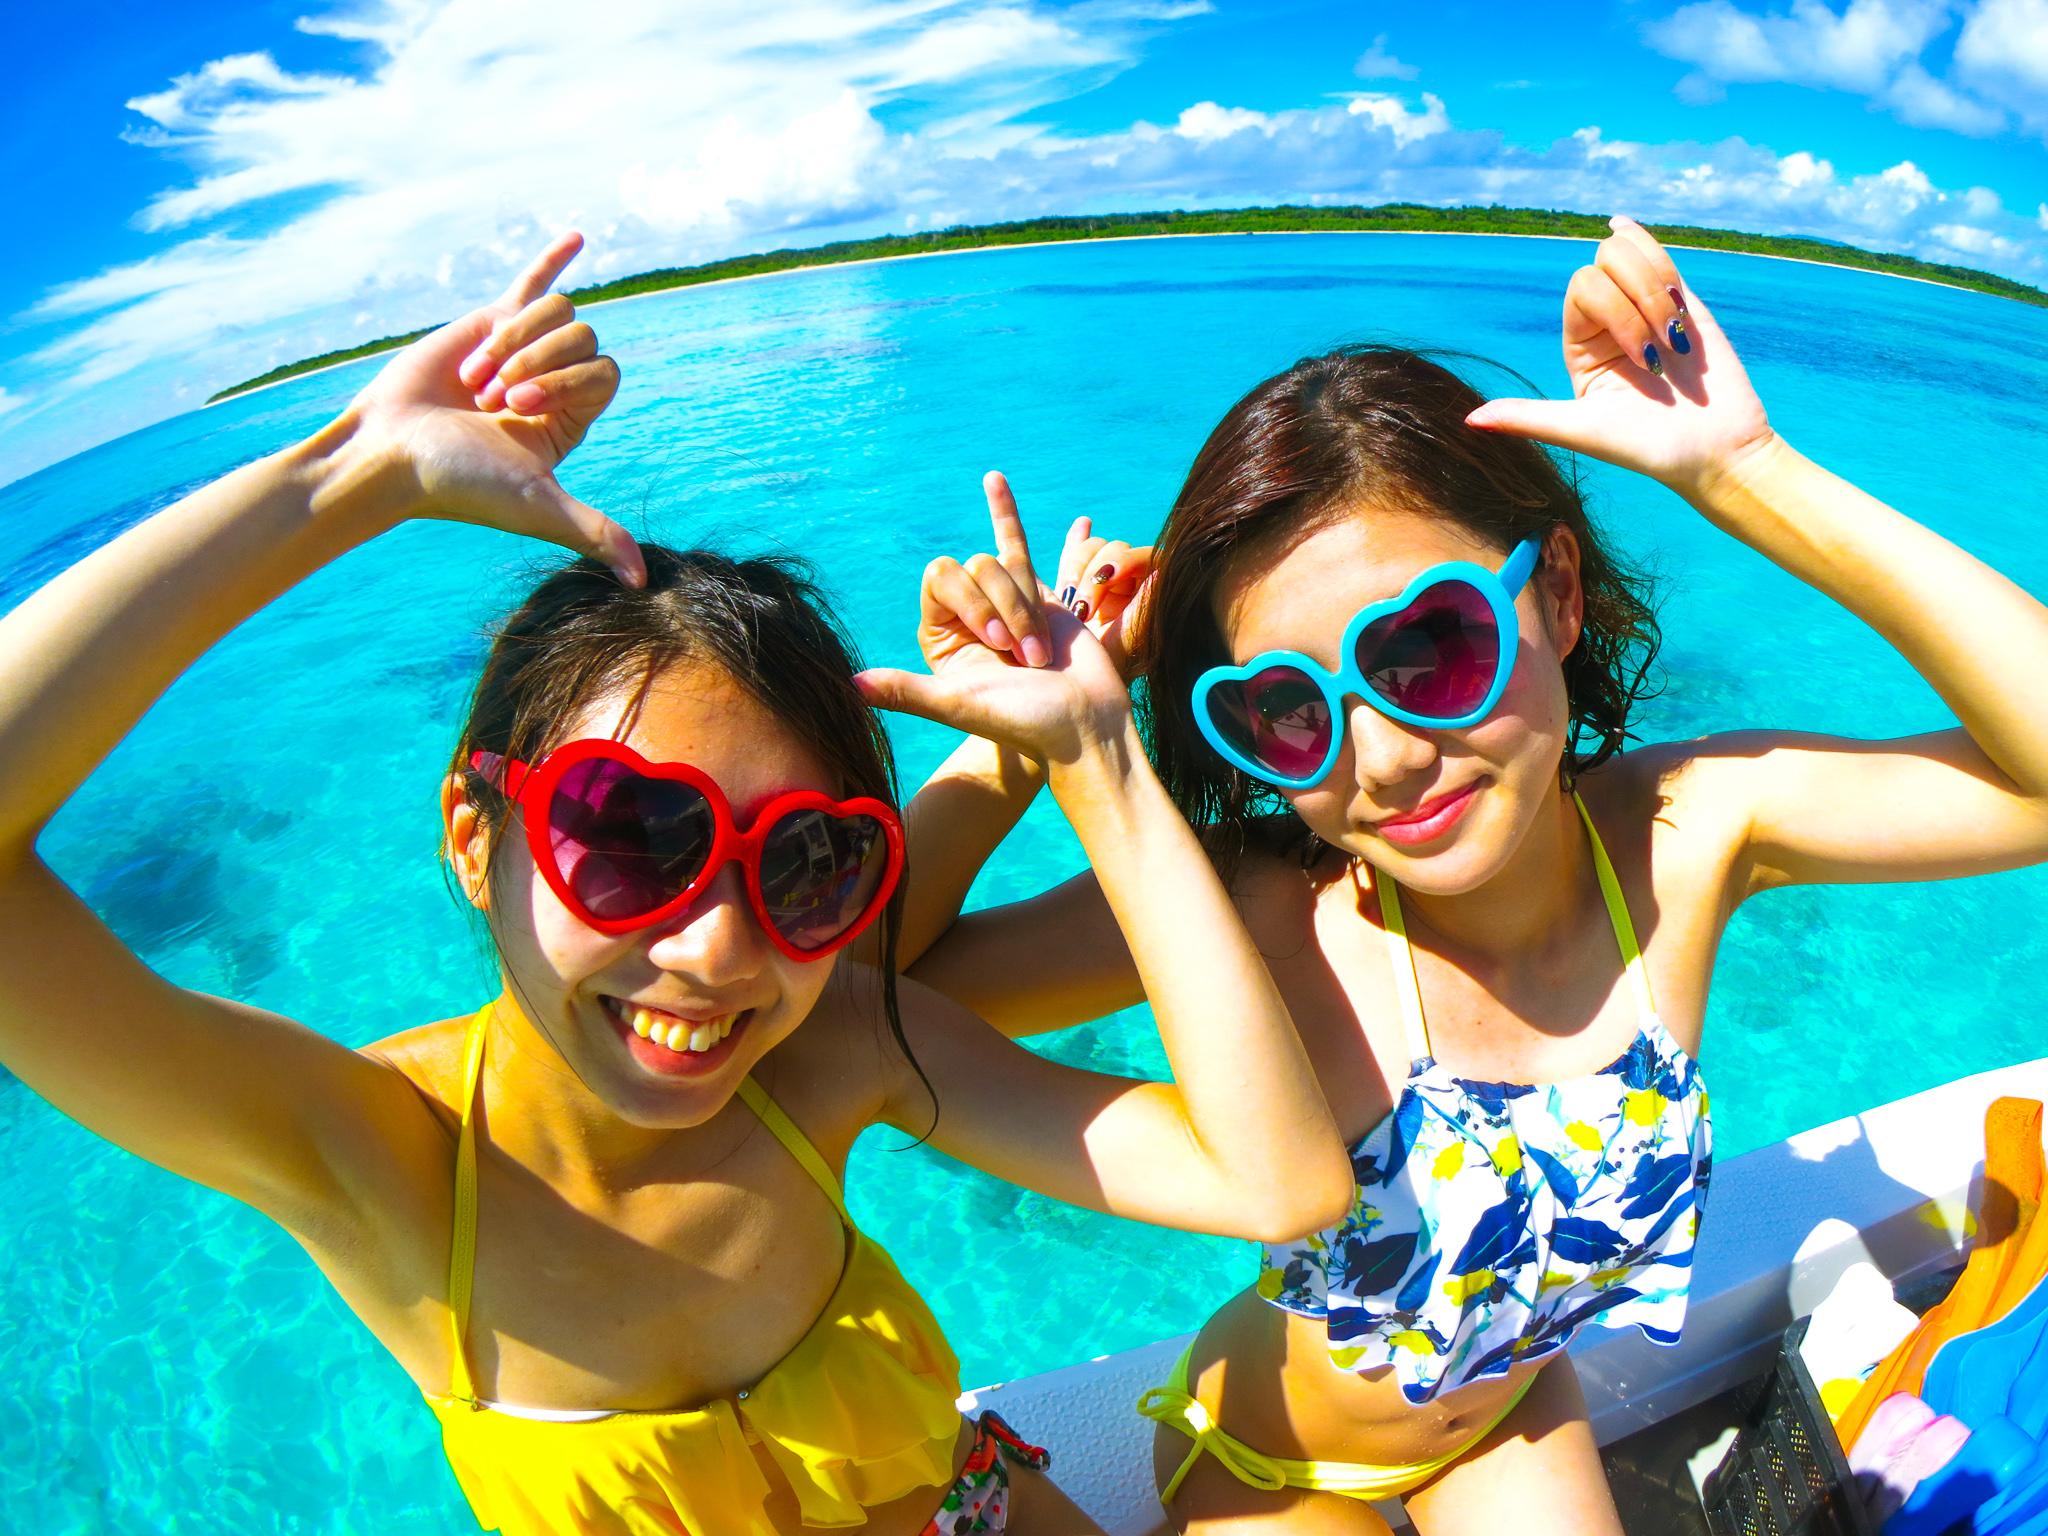 幻の島プレミアム体験ダイビング&竹富島観光ツアー(No.366)